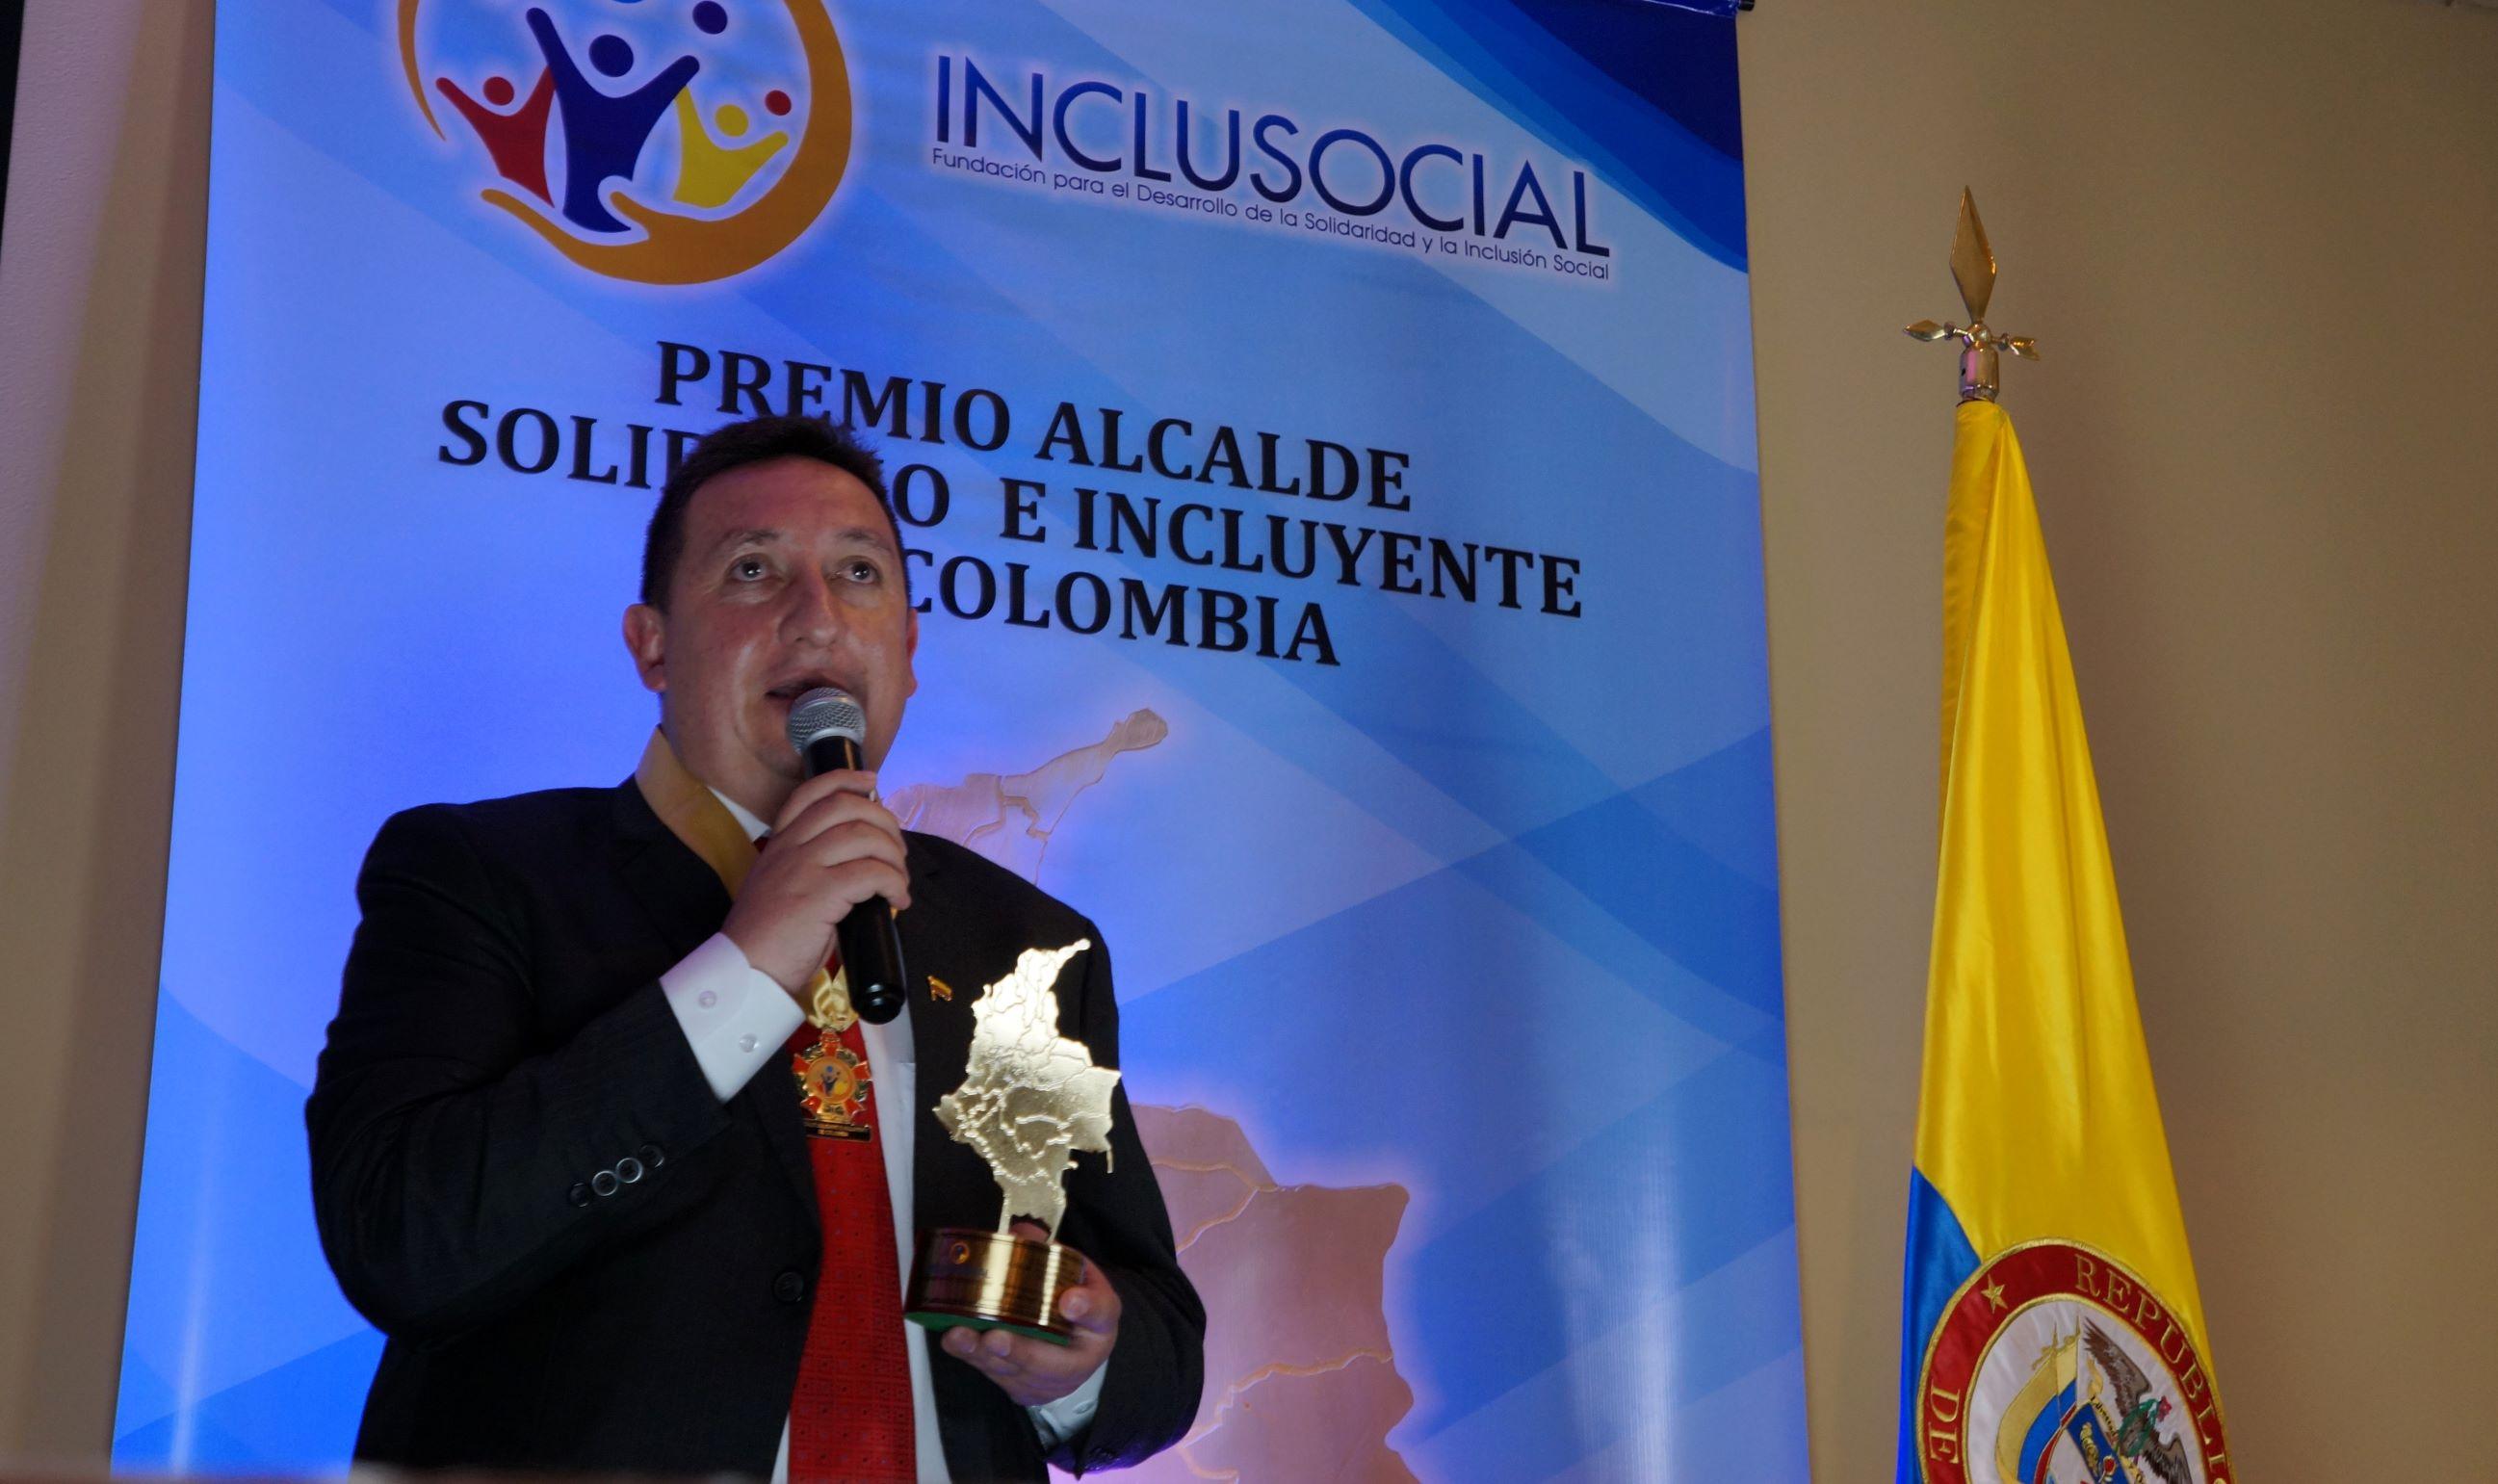 """Oscar Iván Dorado recibió el premio """"Alcalde Solidario e Incluyente de Colombia 2019″"""